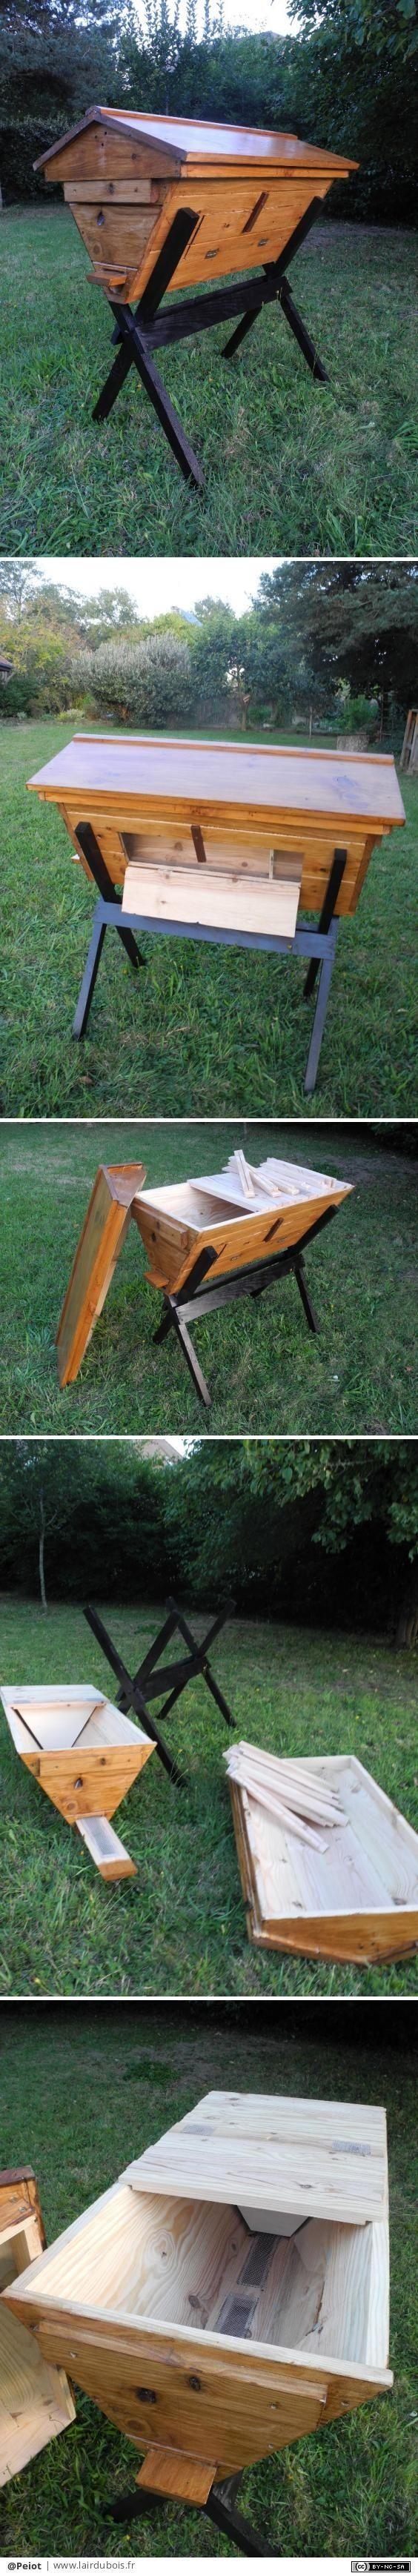 Ruche kenyane v2 par Peiot - J'ai modifié mon modèle de ruche kenyane.  Un corps plus petit. Un pied indépendant.  Toujours le même principe à l'intérieur des barrettes qui servent d'amorces pour les rayons de cire. Et bien-sur...